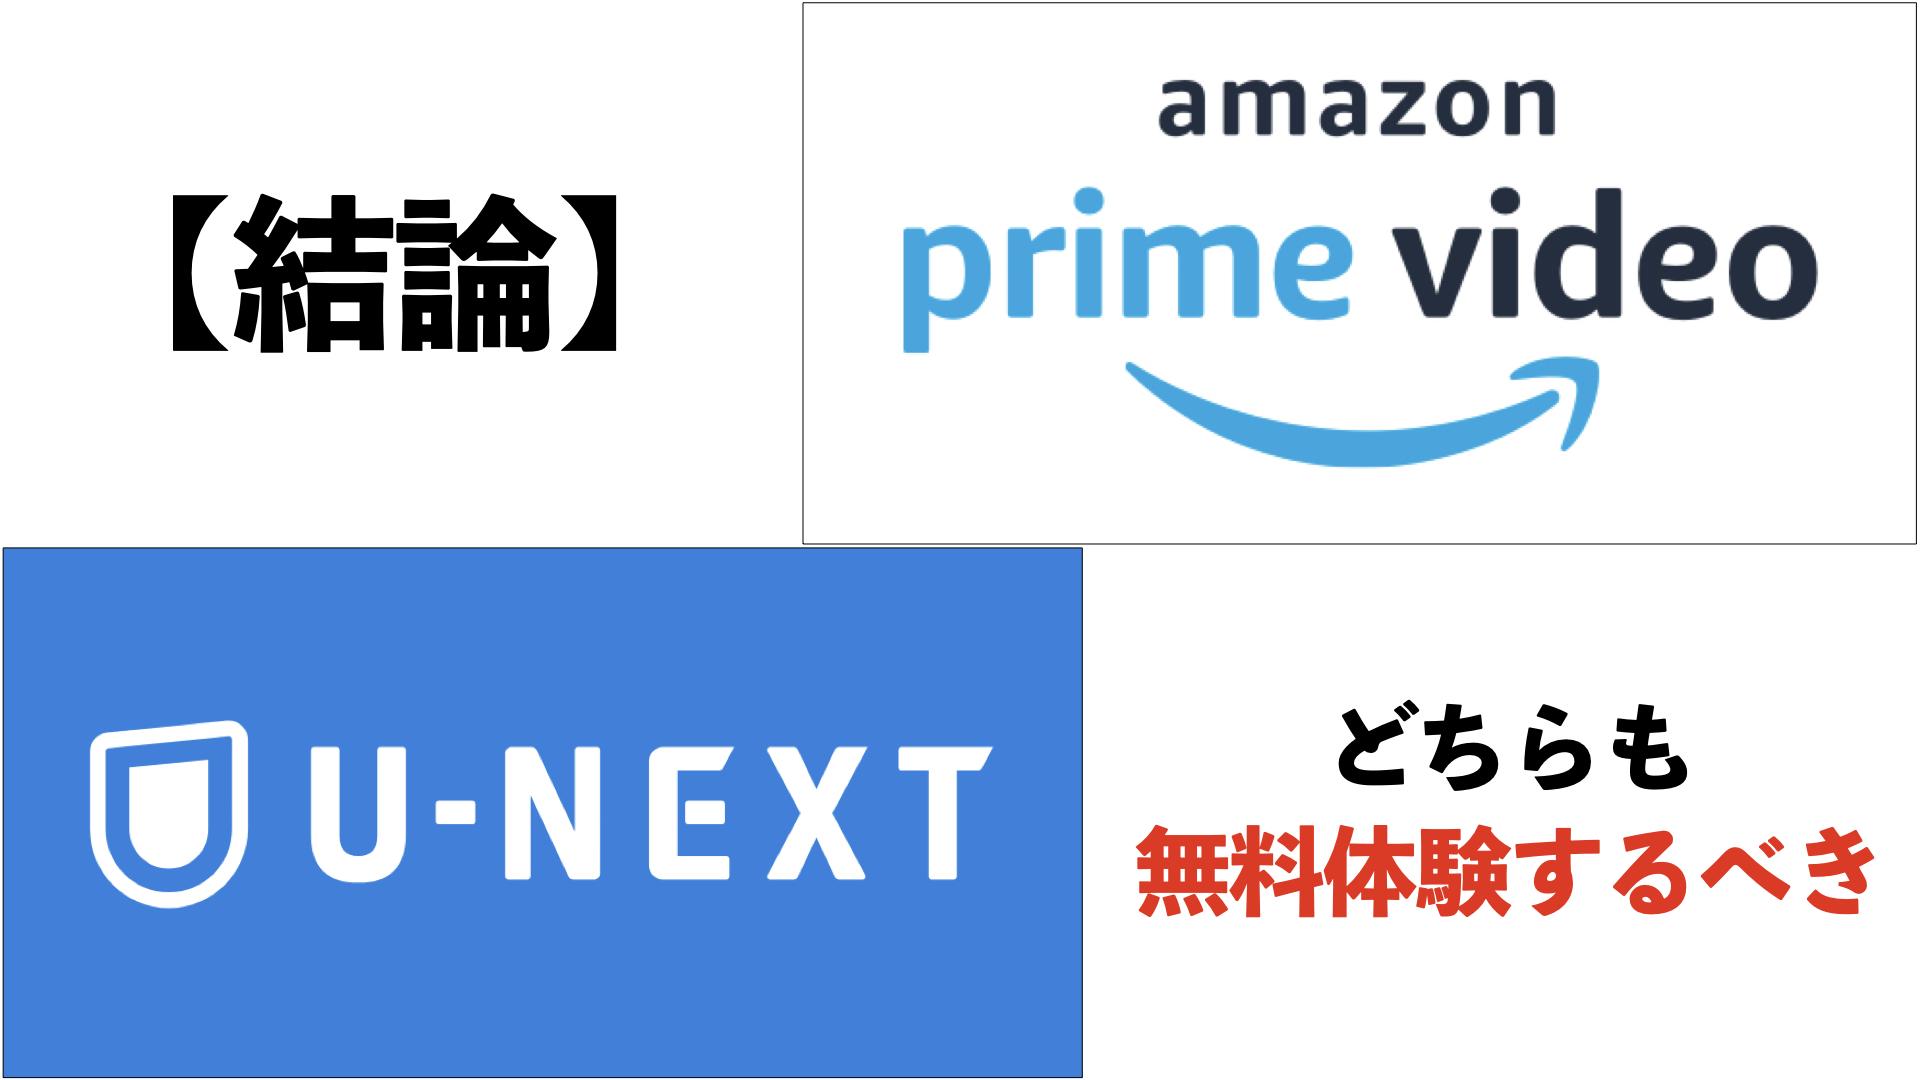 U-NEXTとAmazon Primeの比較